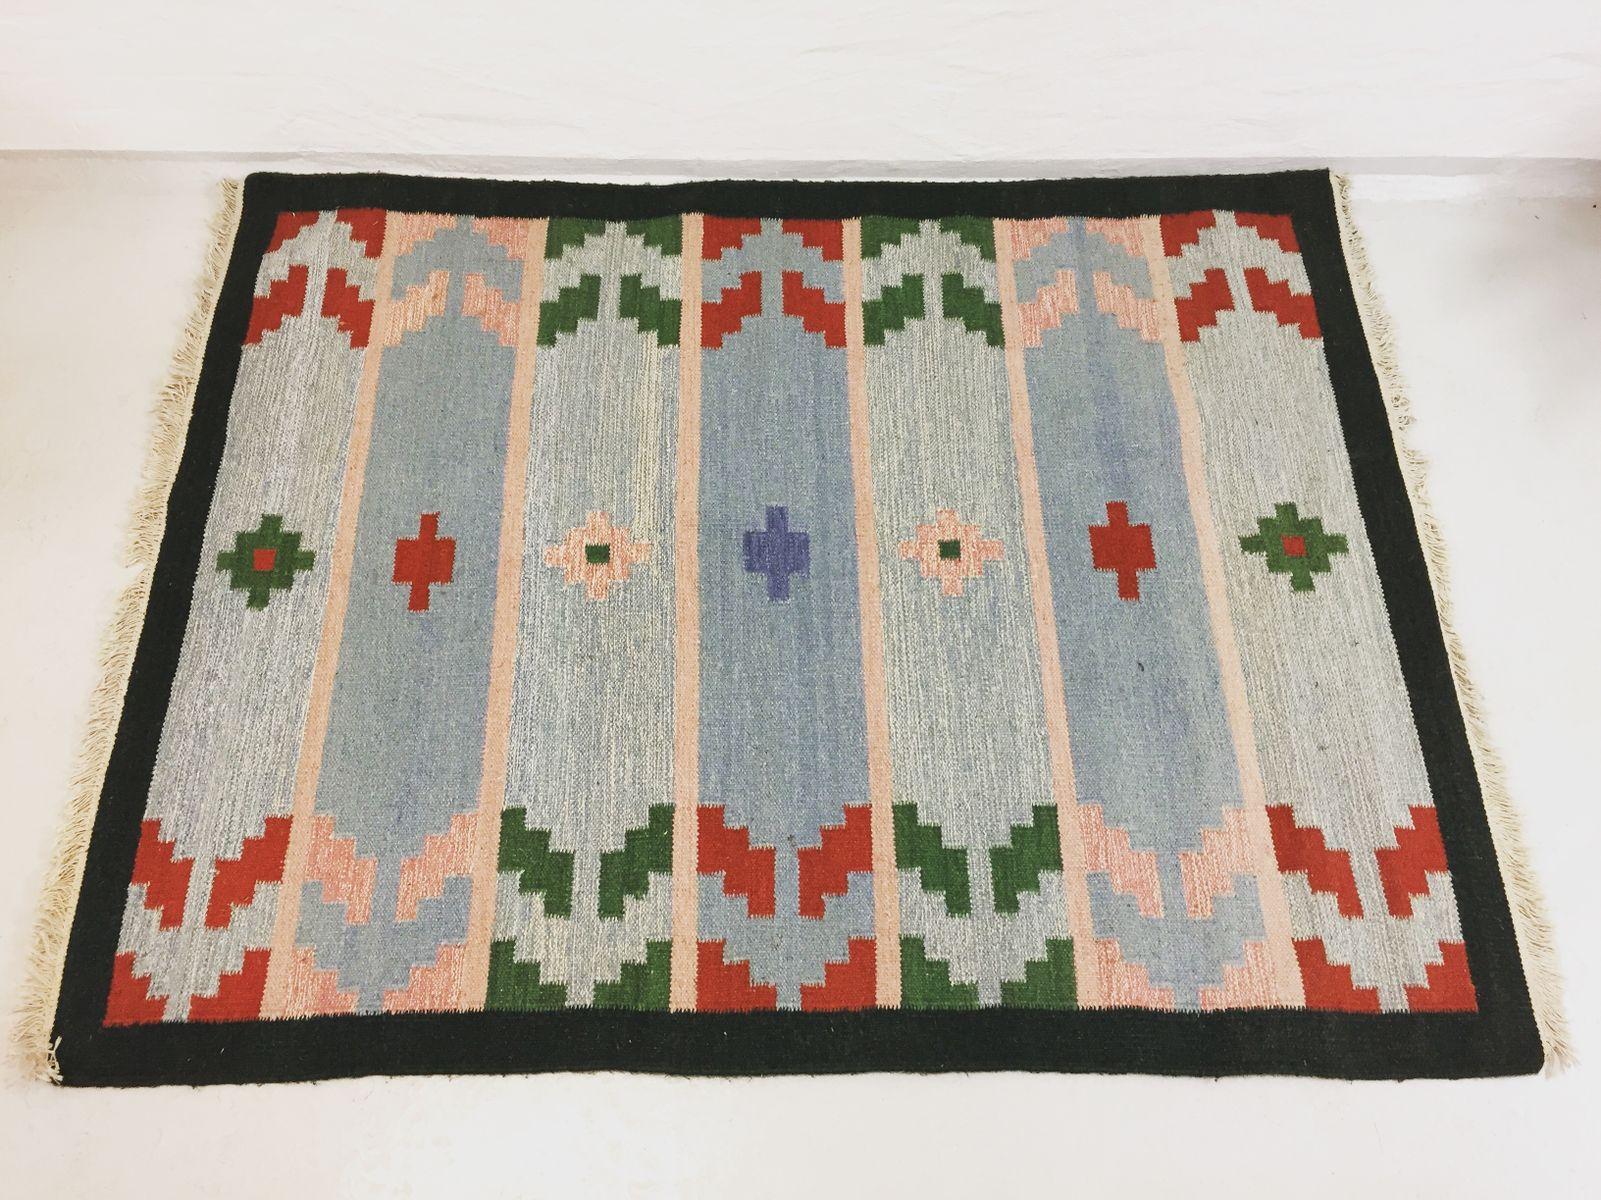 midcentury scandinavian flatweave rug for sale at pamono - midcentury scandinavian flatweave rug